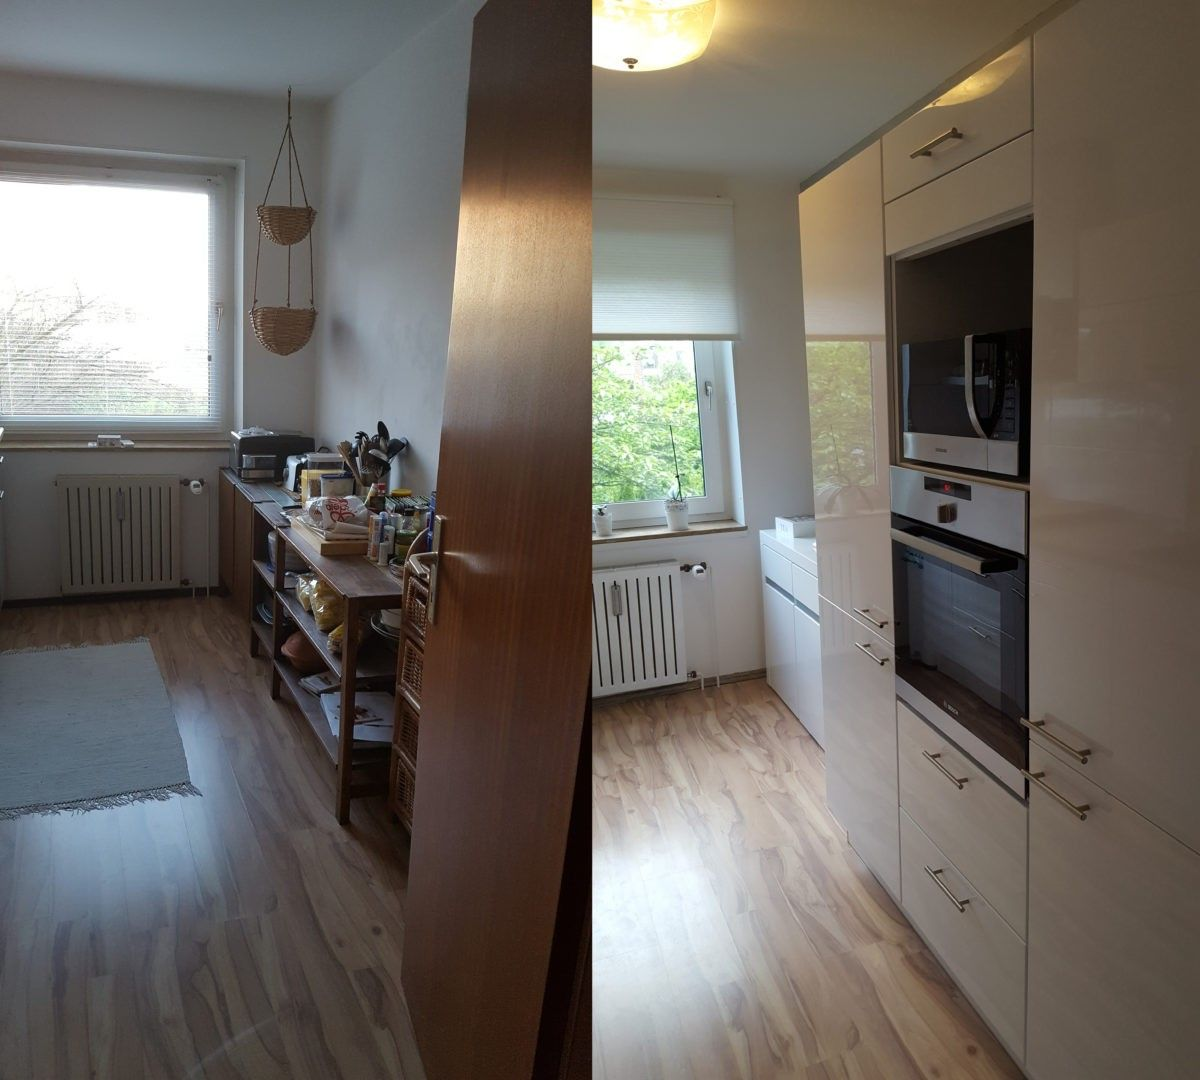 Küchenkauf Meine Tipps zum Kauf und Renovierung Küche